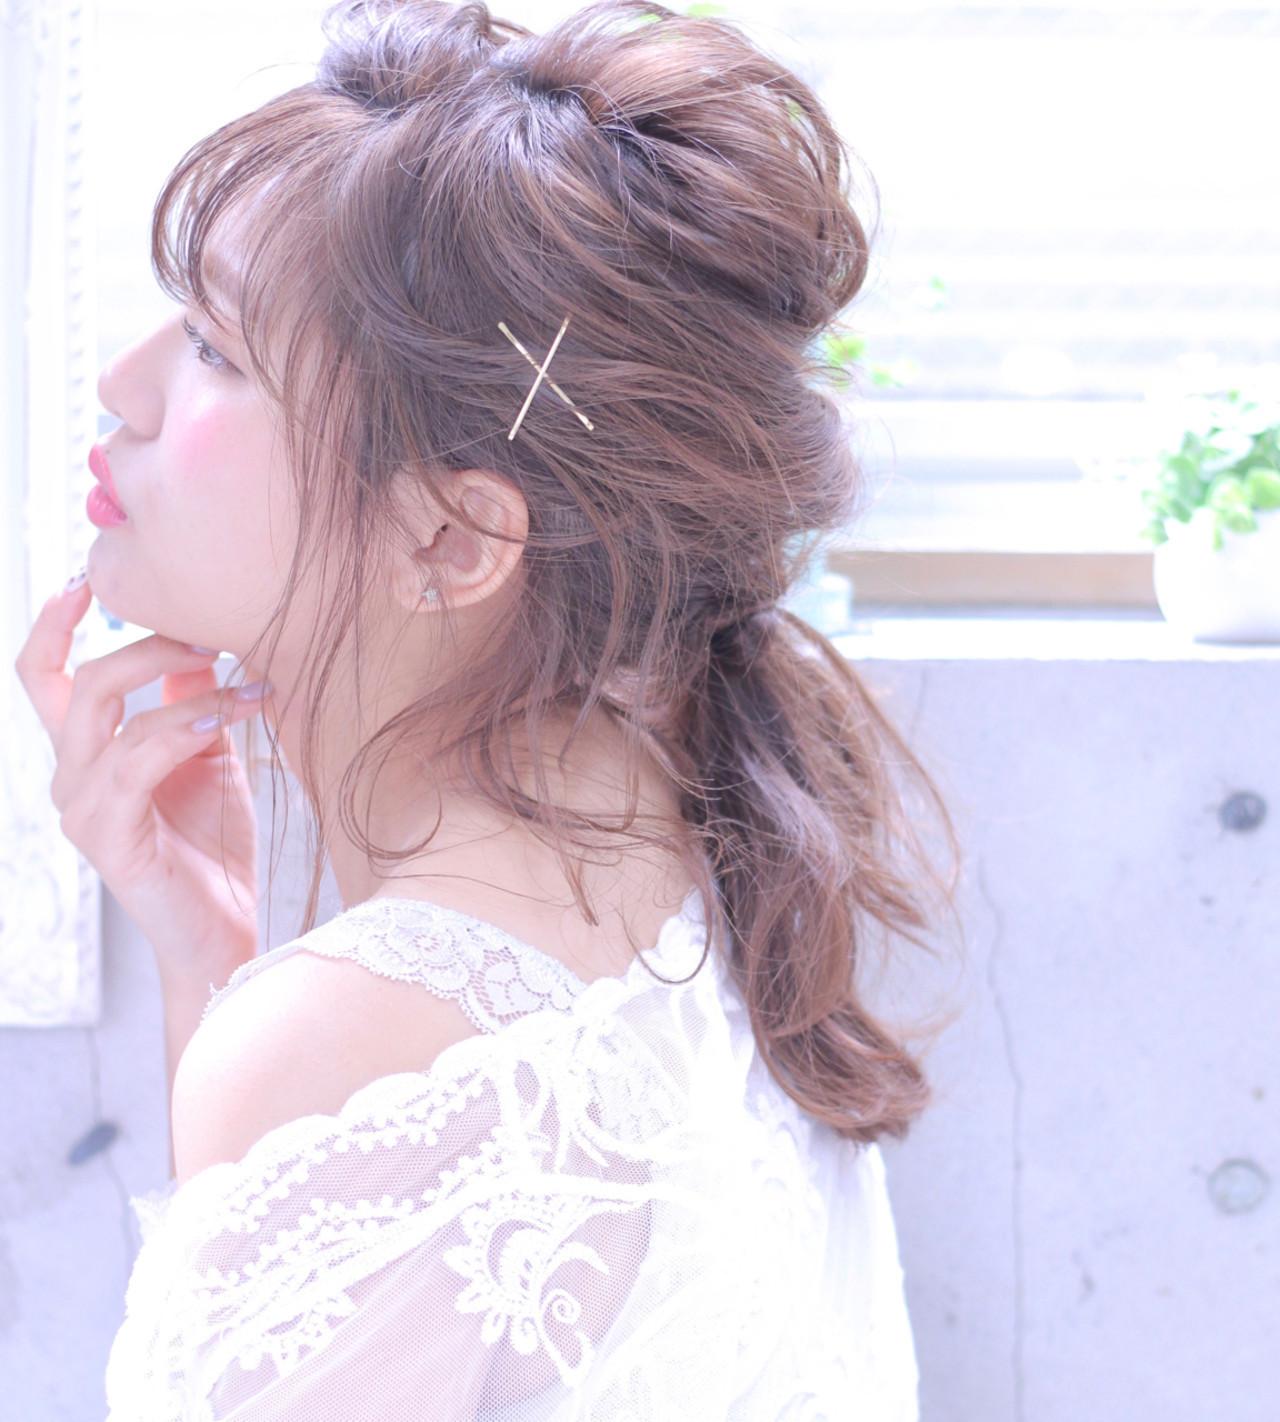 話題のモテヘア。薄め前髪【シースルーバング】に恋する予感…♡の22枚目の画像